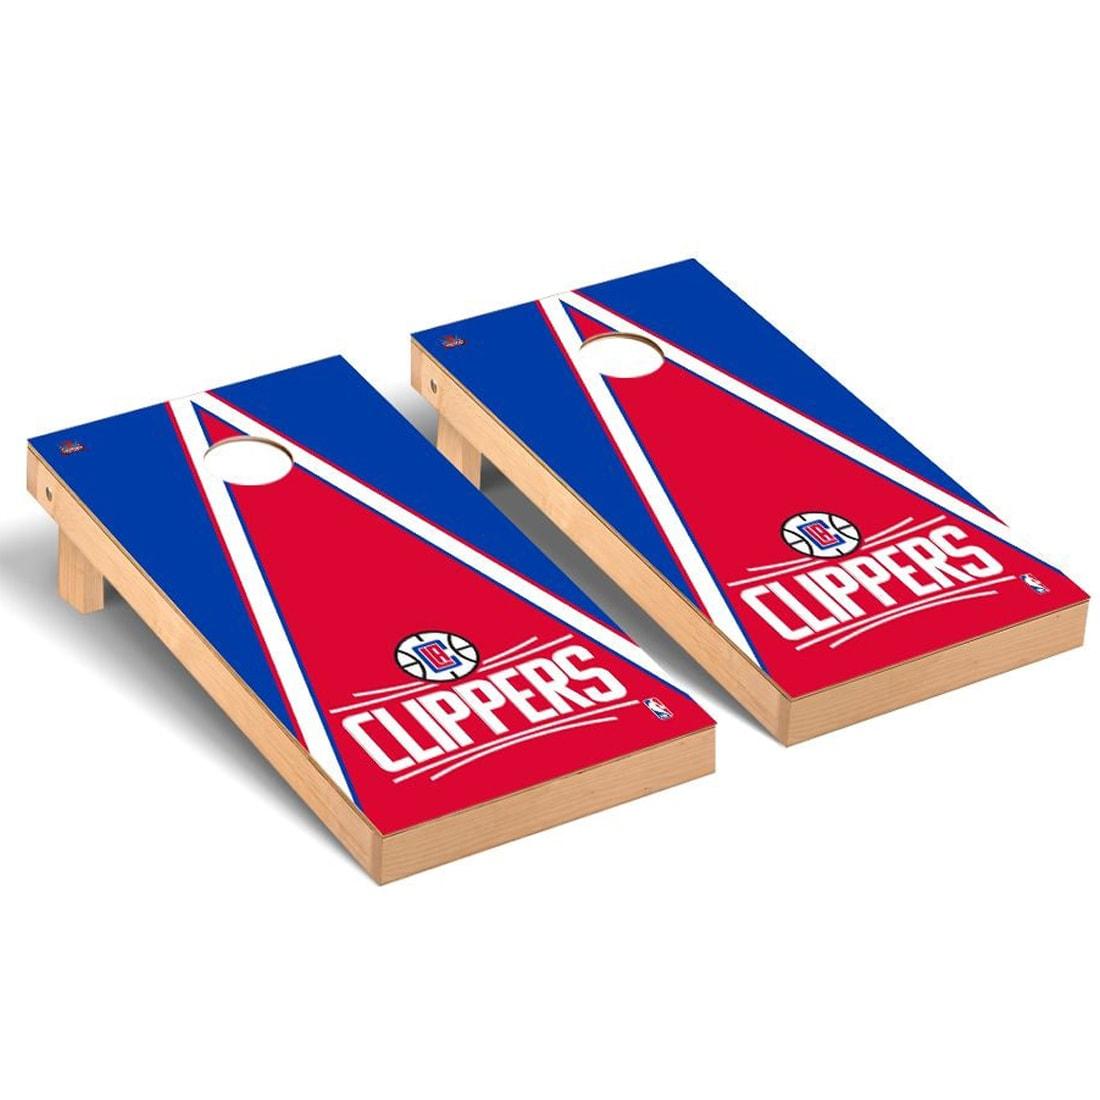 LA Clippers 2' x 4' Triangle Cornhole Game Set